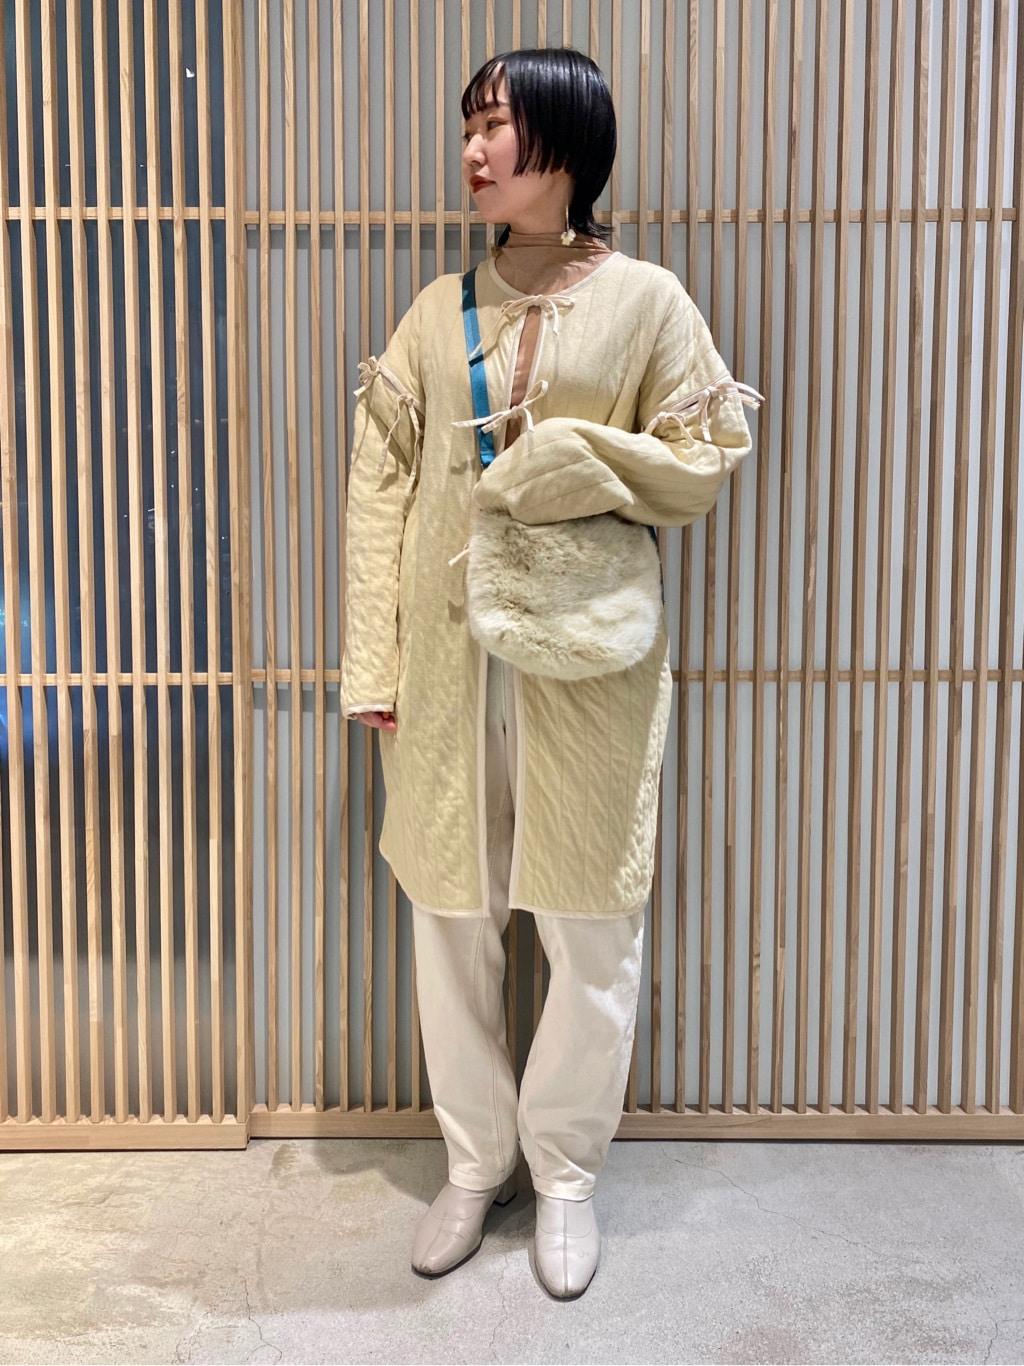 ルクア大阪 2020.10.12